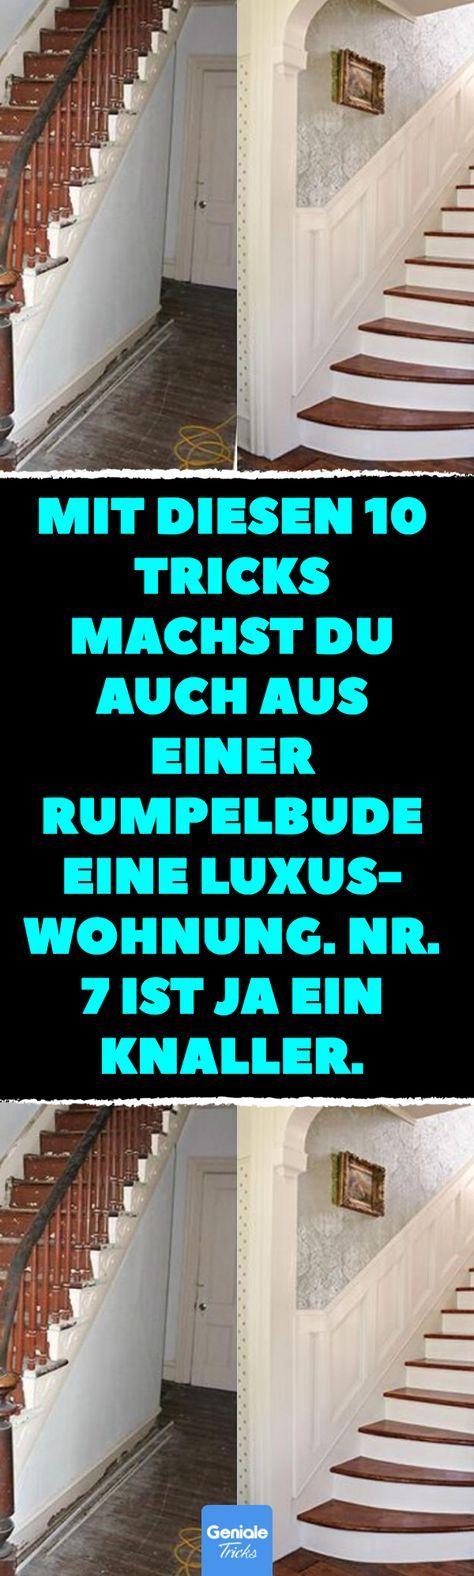 Mit diesen 10 Tricks machst du auch aus einer Rumpelbude eine Luxuswohnung. Nr. 7 ist ja ein Knaller. Wohnung luxuriös einrichten: 22 Tricks. #diy #upcycling #einrichten #wohnung #möbel – Sumelis